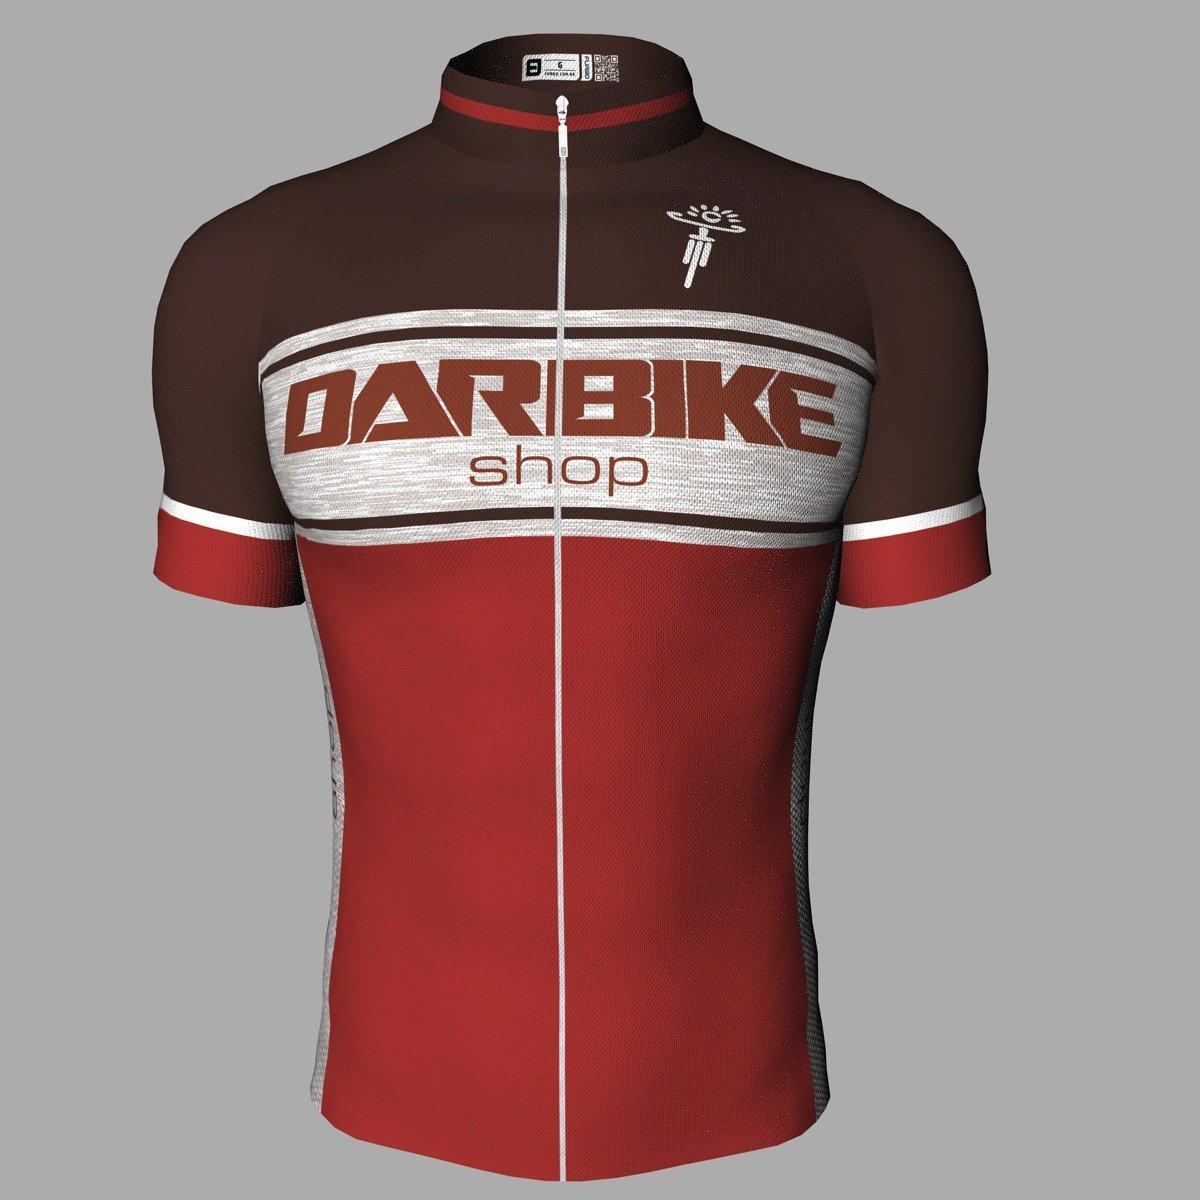 Camisa Team Darbike Shop Unissex